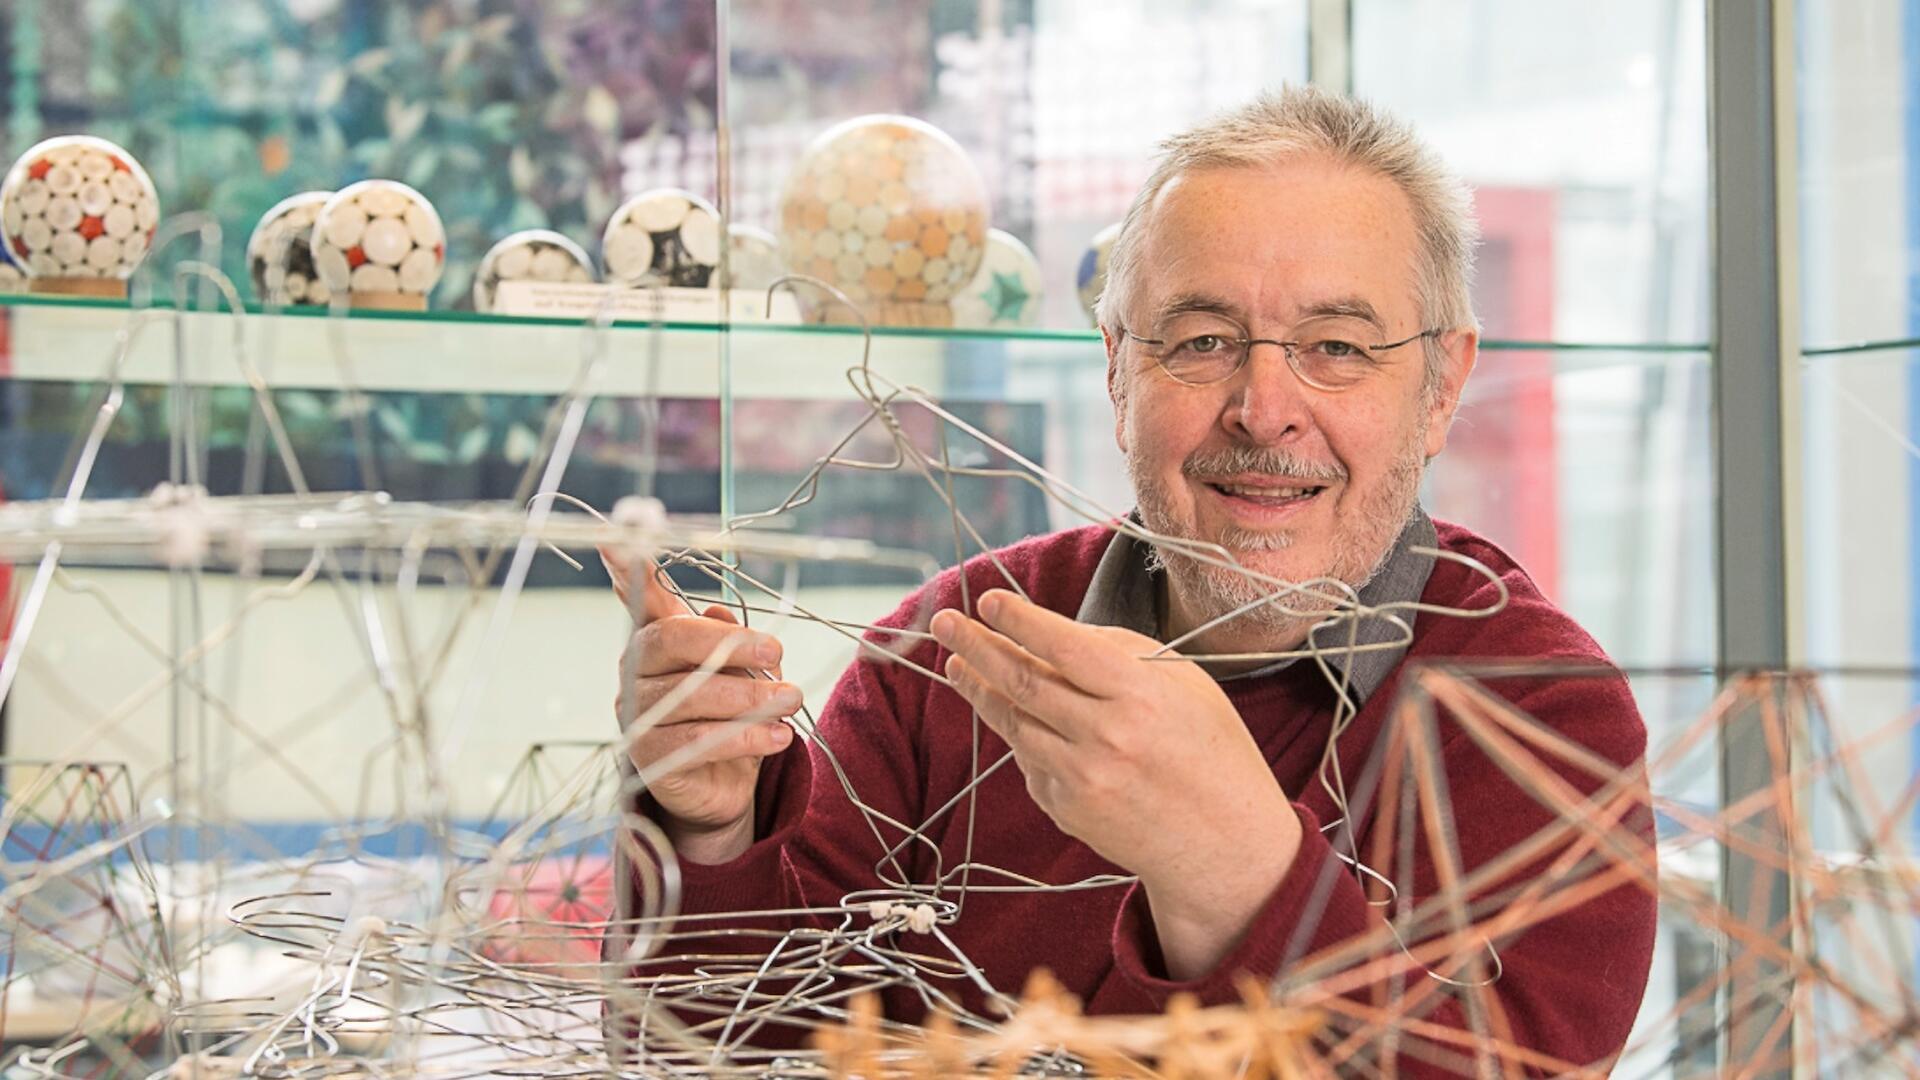 Jürgen Richter-Gebert baut mit Kleiderbügeln geometrische Formen (Foto: Astrid Eckert/TUM)